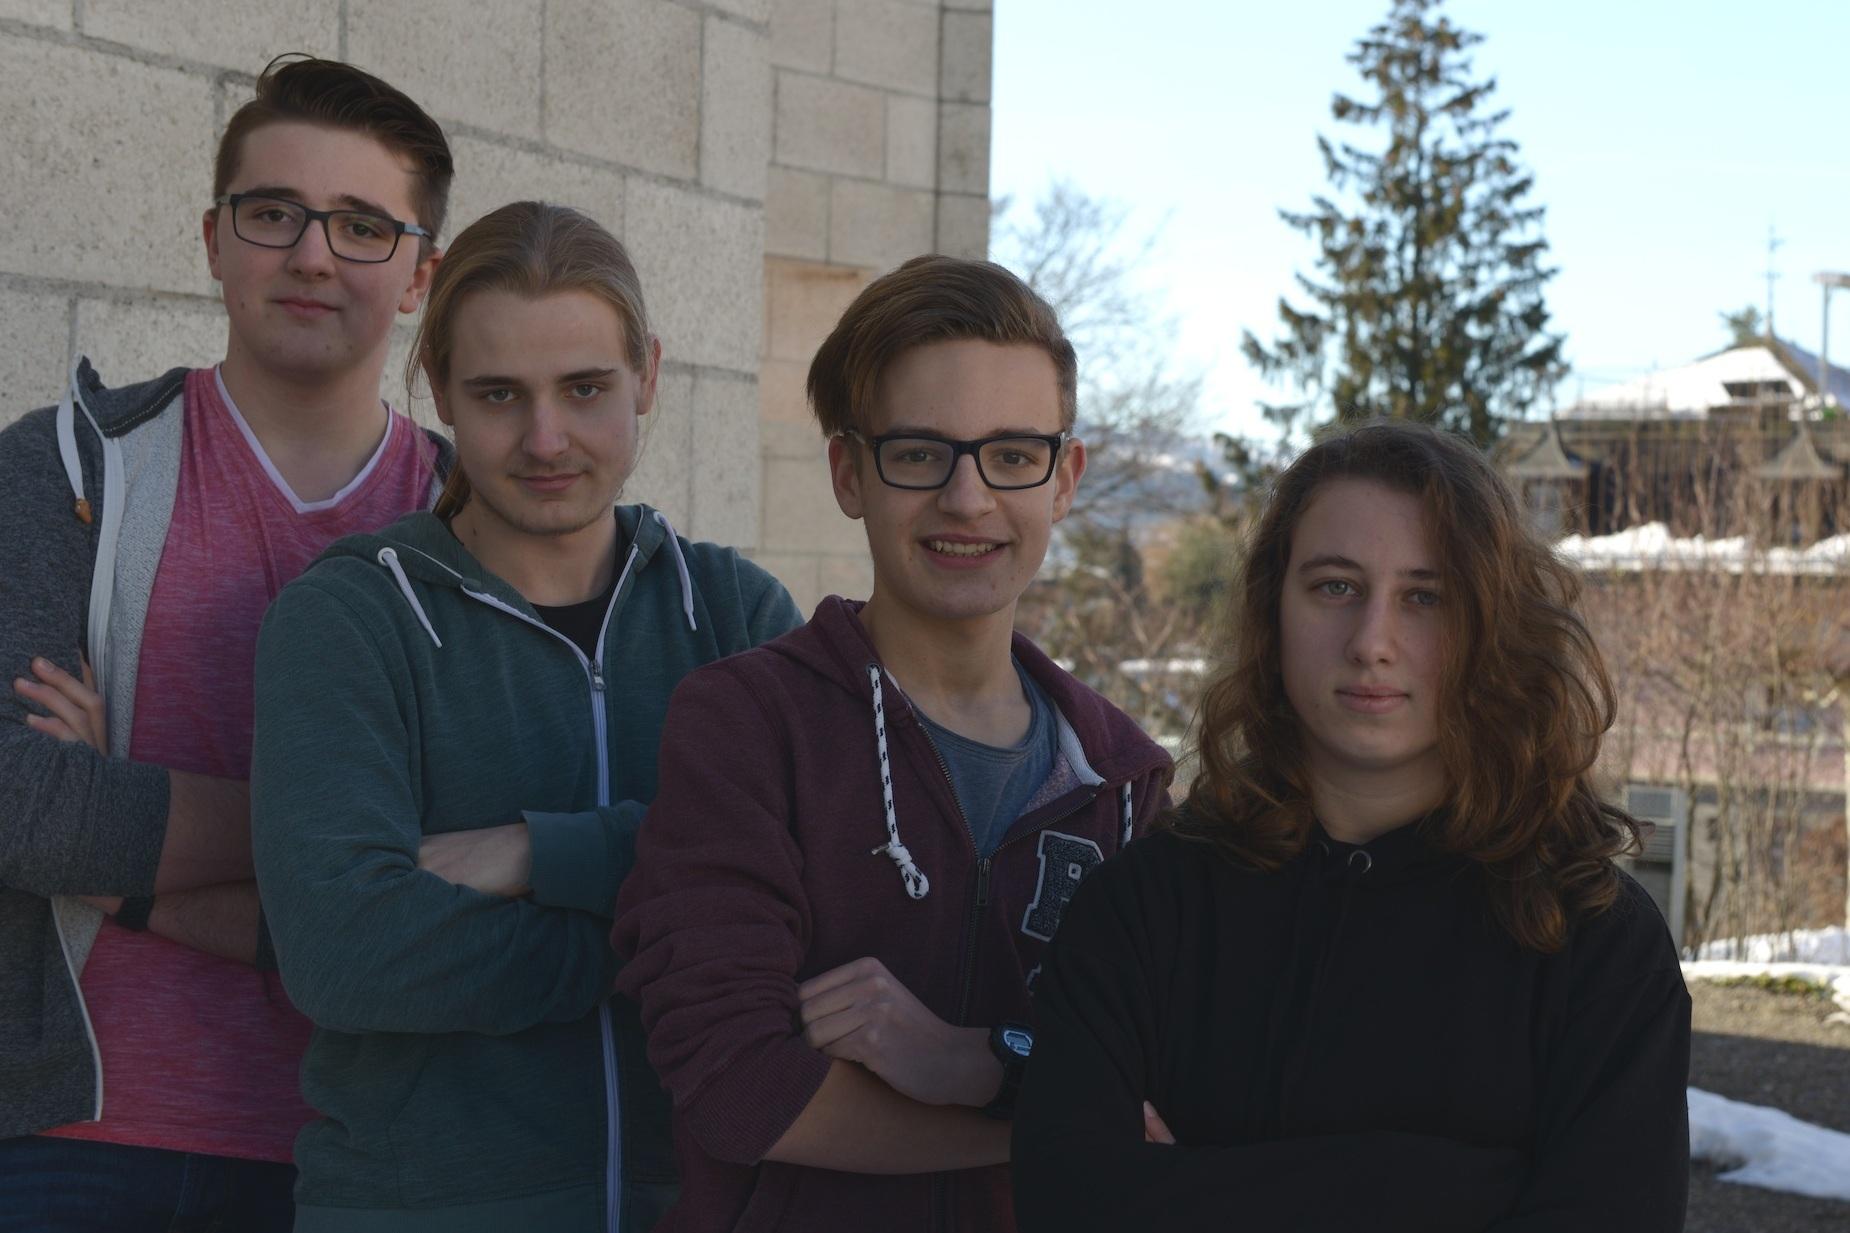 Jerome (17), Vinzenz (18), Julian (17) und Šana (17) - Steuerung